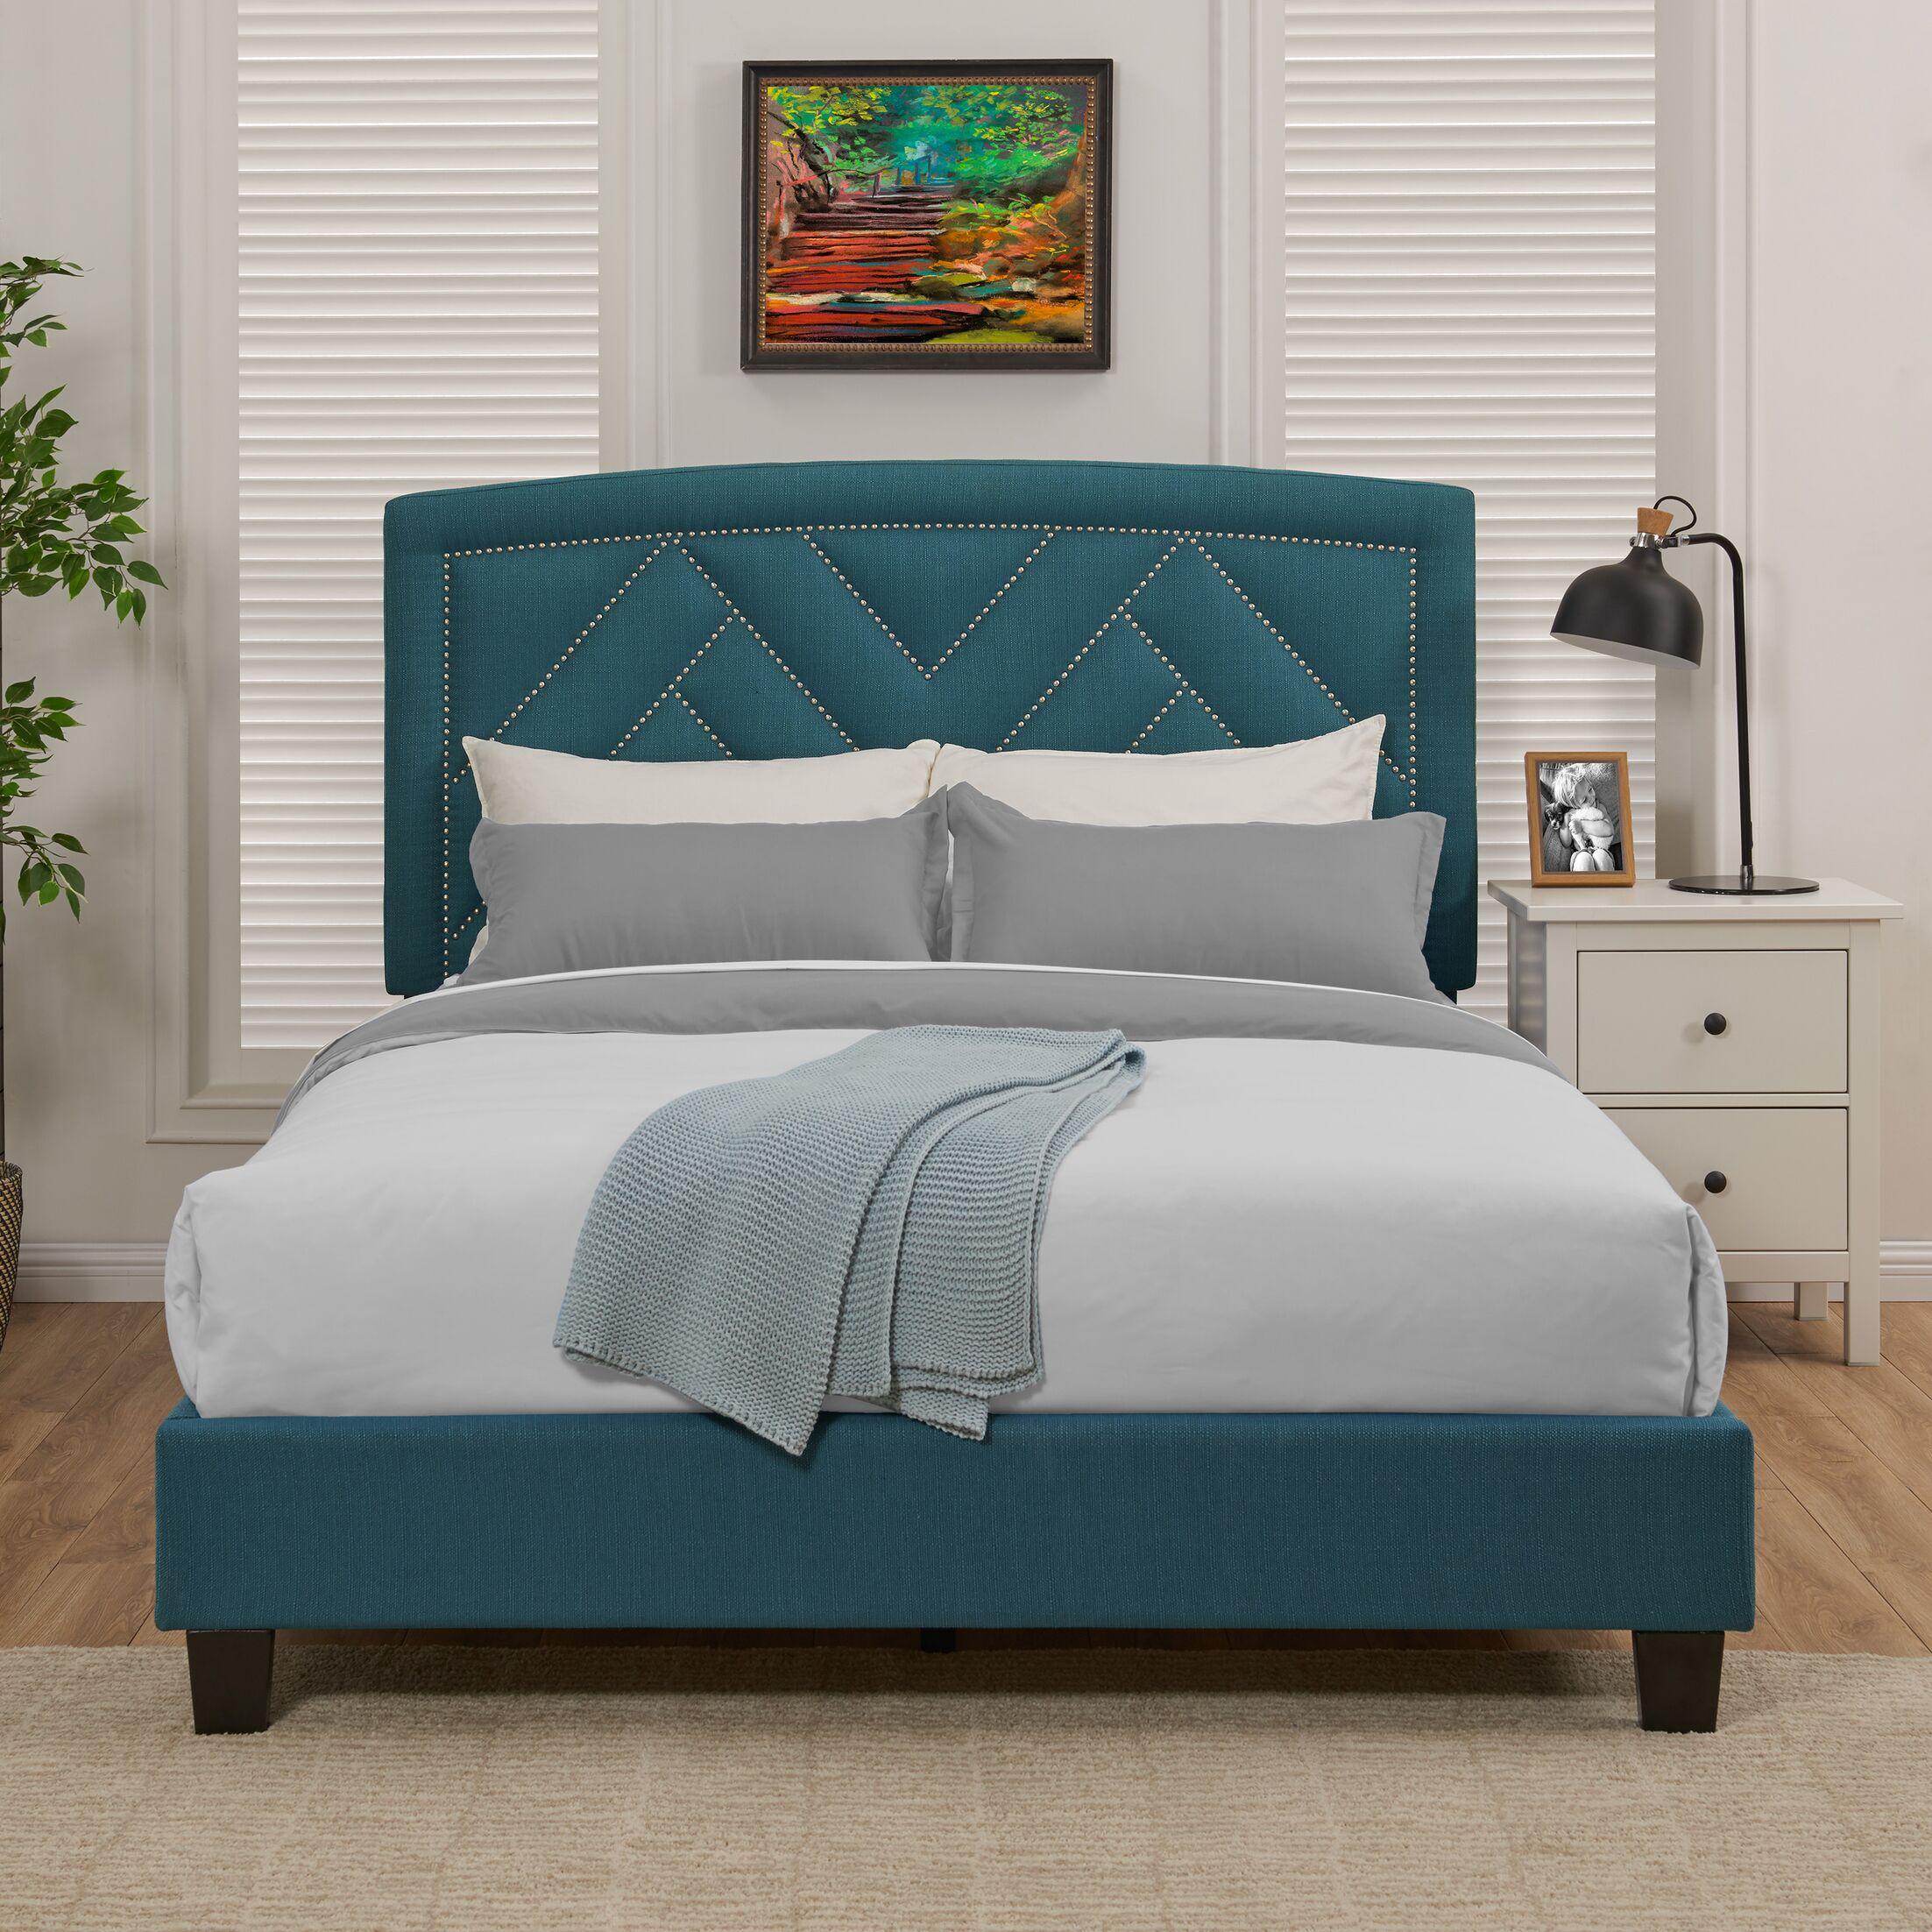 Juri Queen Upholstered Panel Bed